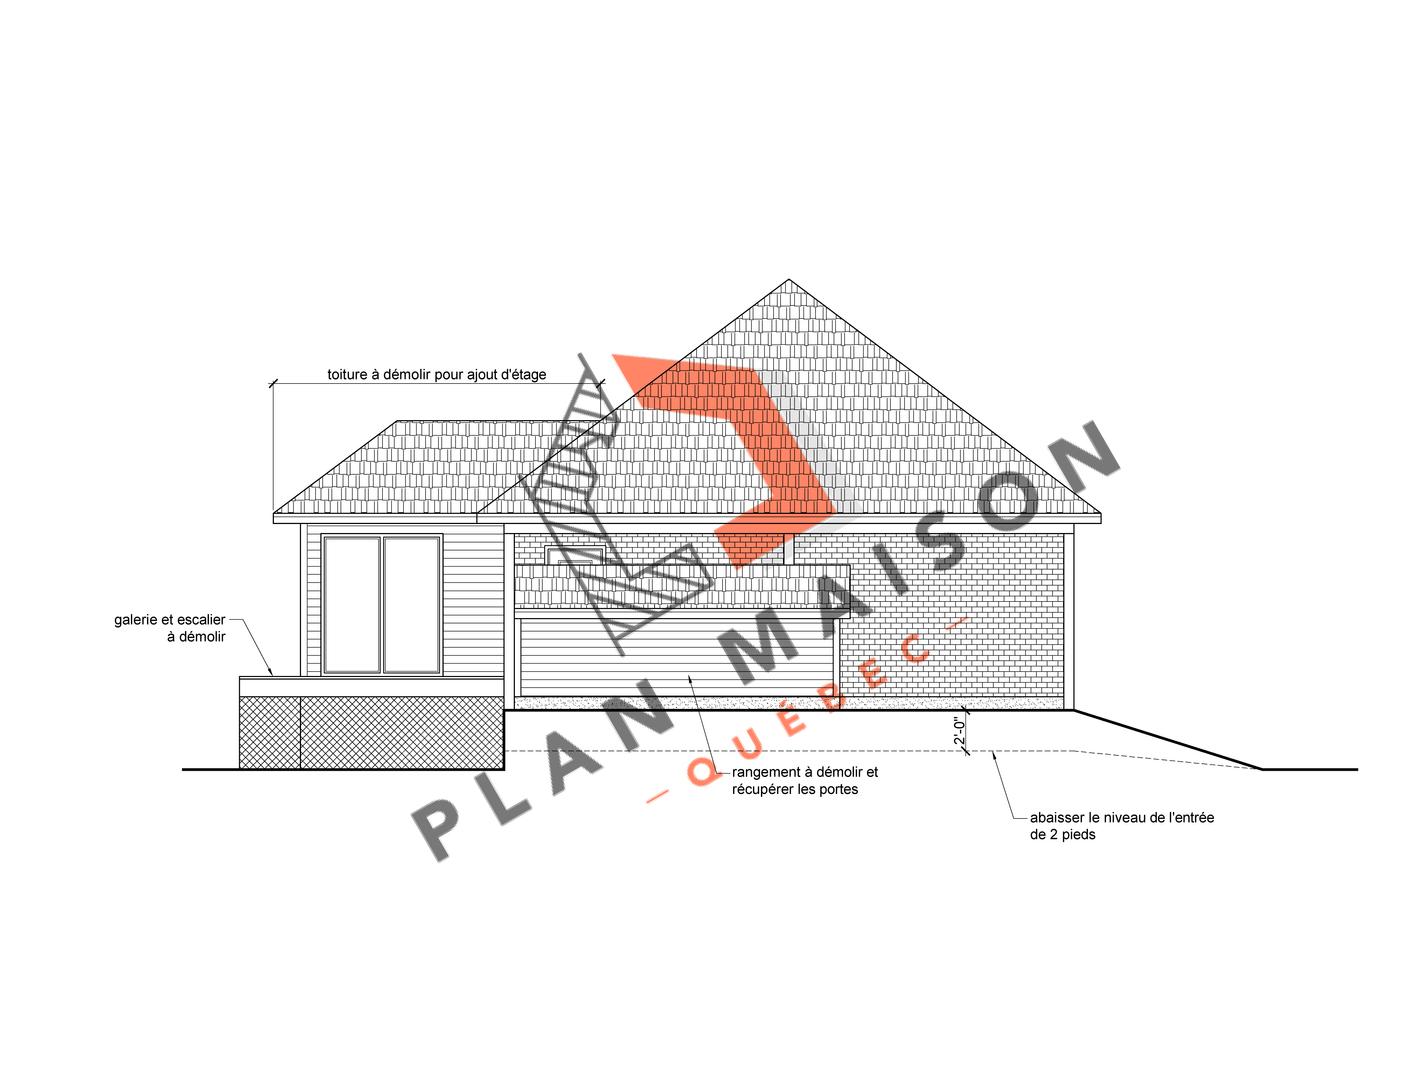 technicien en architecture plan de maison 4